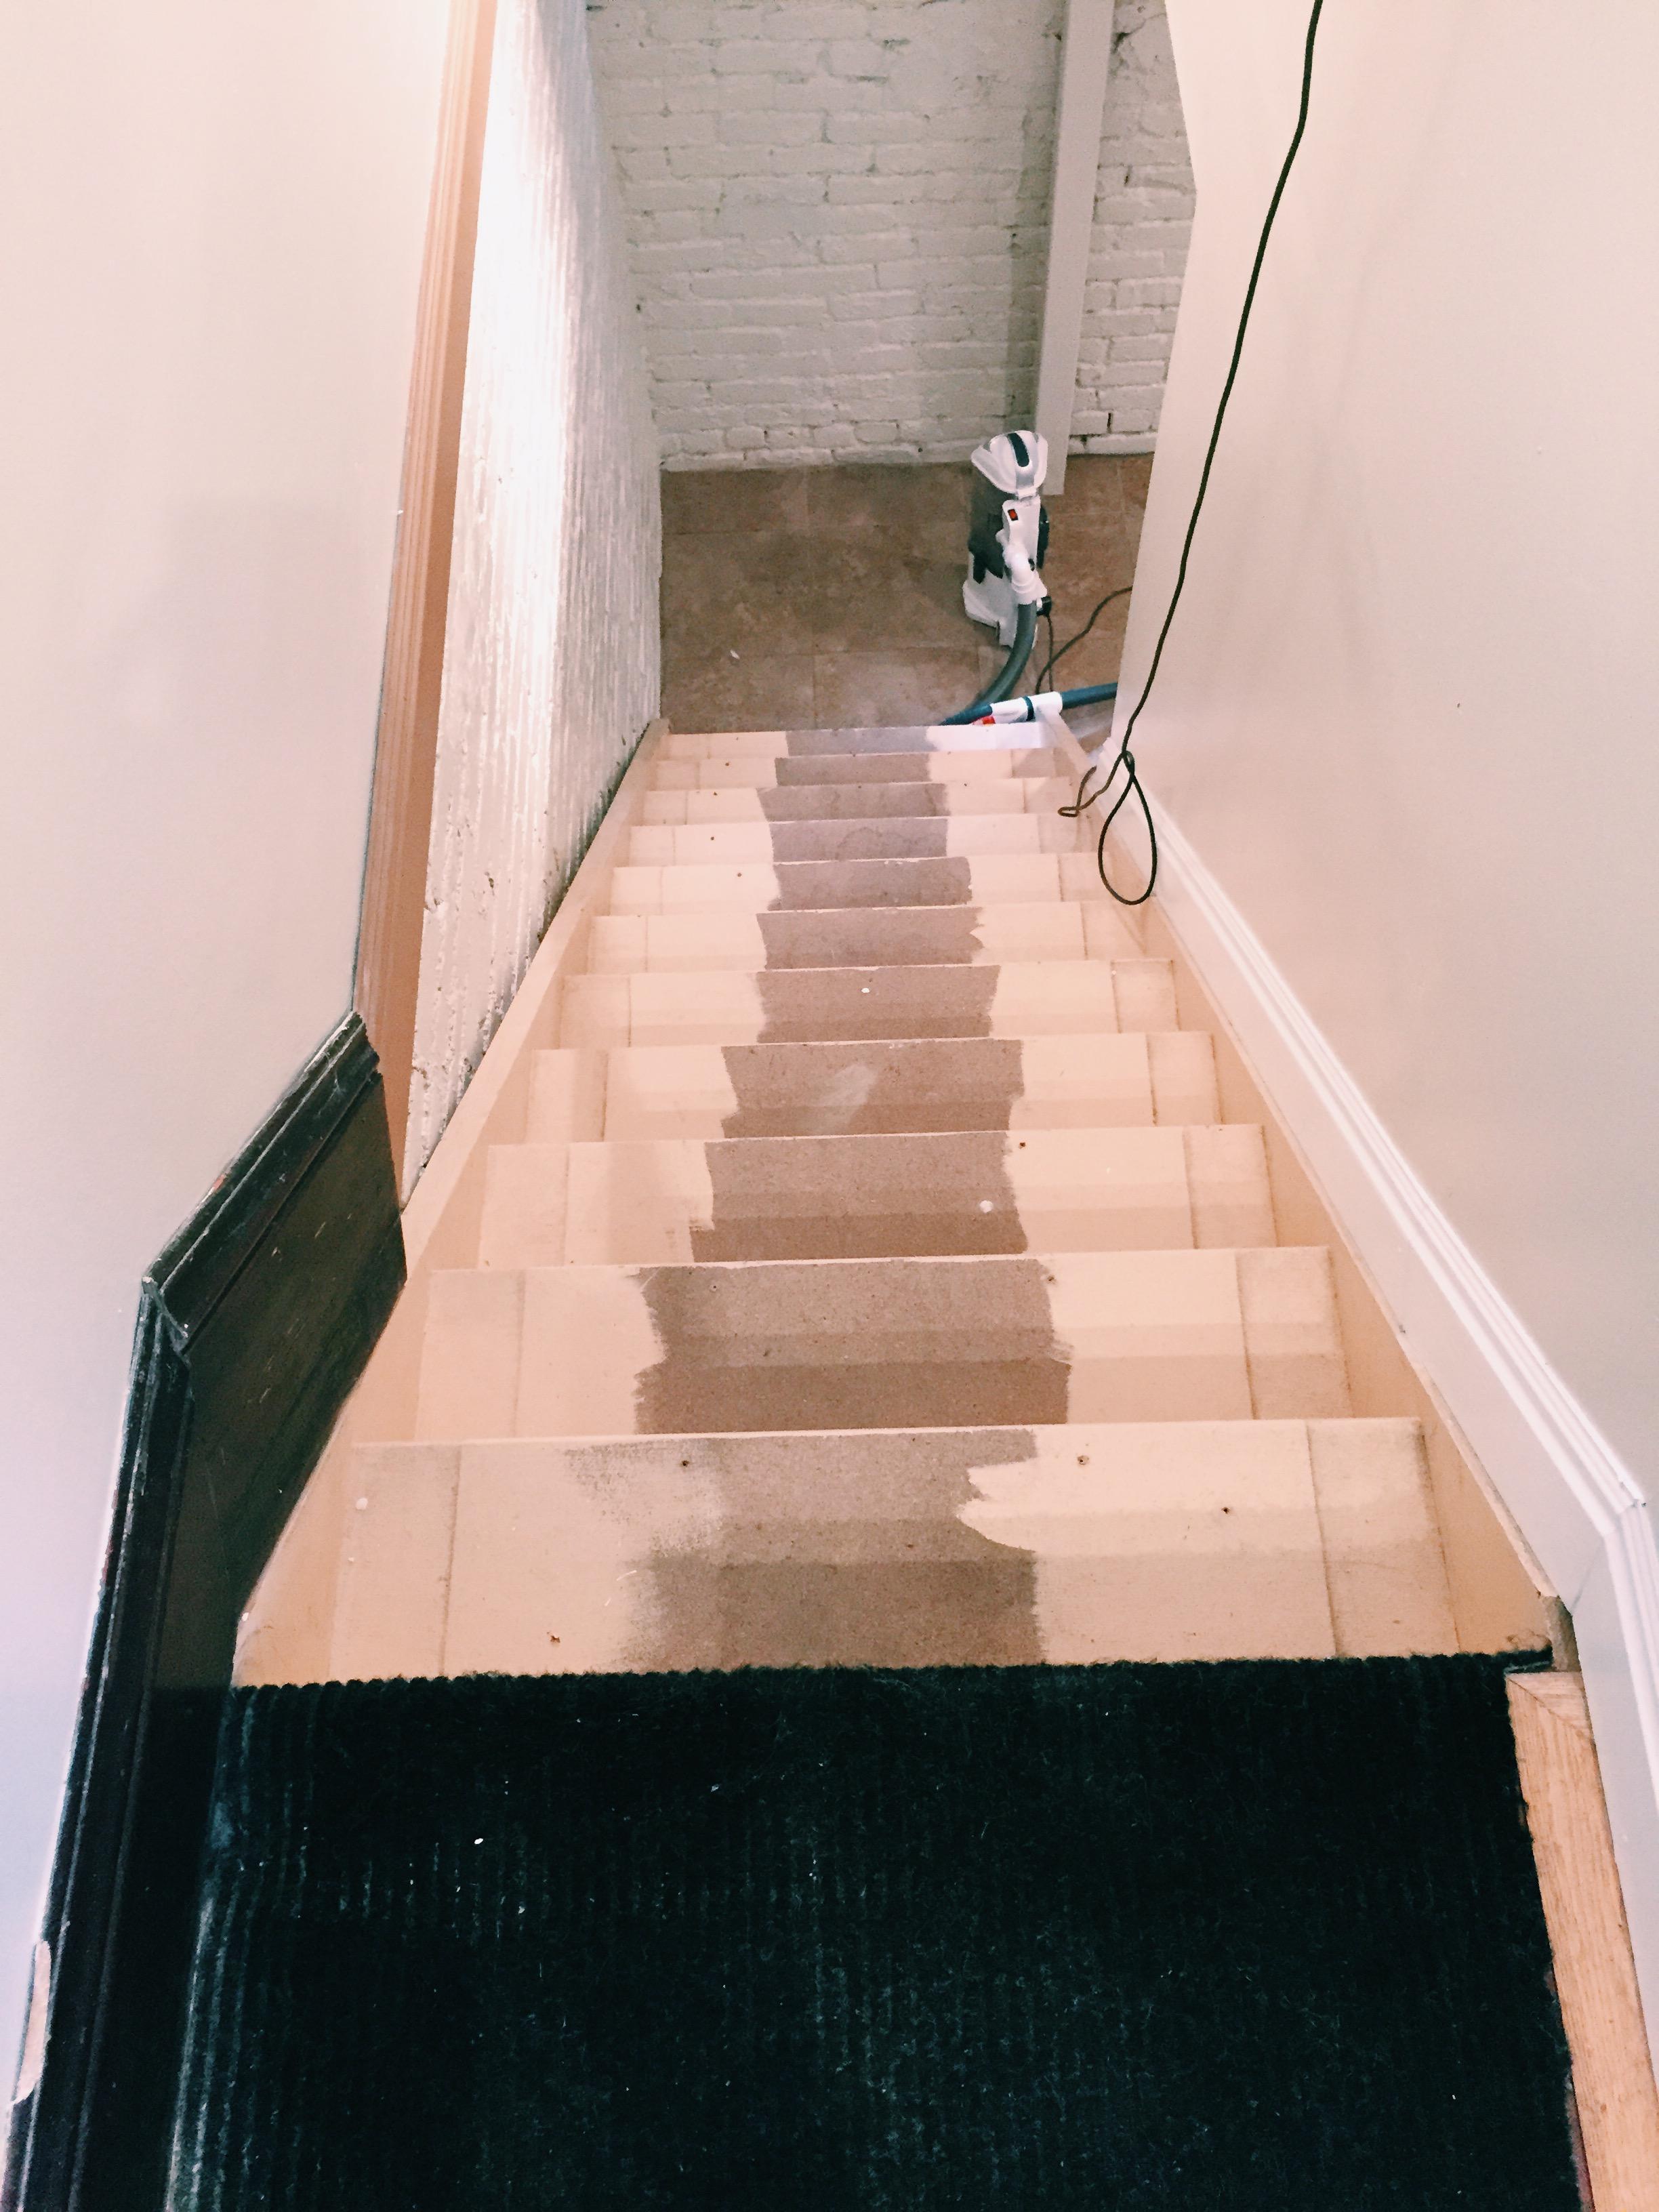 Stairs minus rug